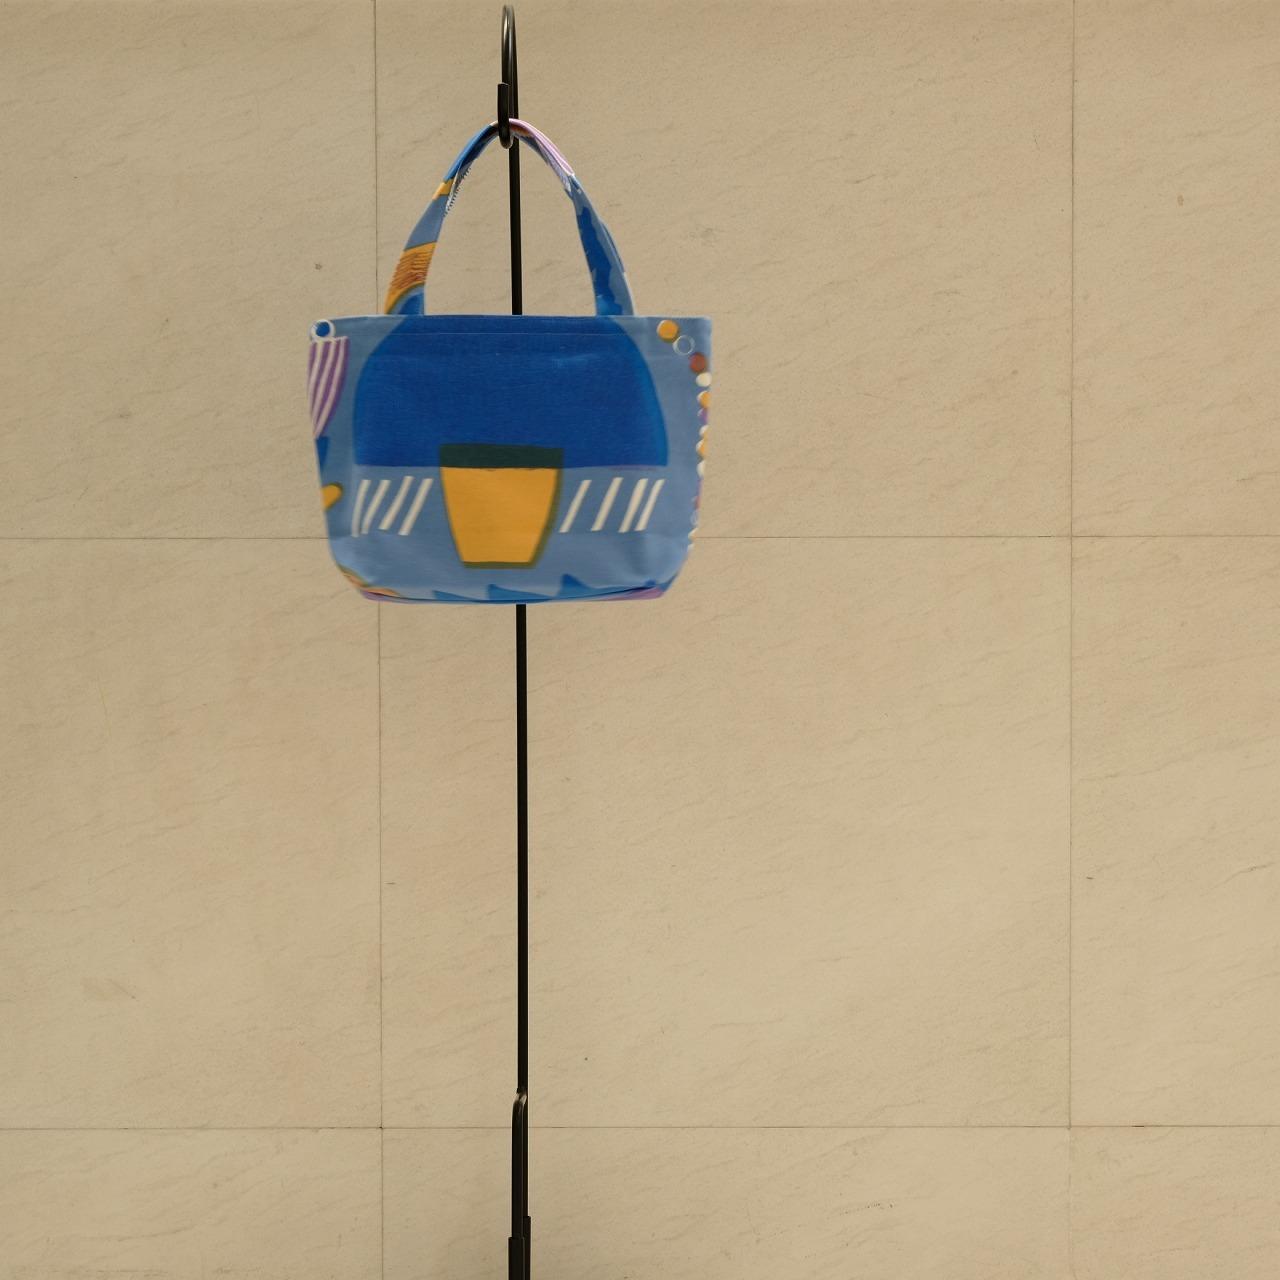 炭酸デザイン室 オンライン展示会 ランチトートバッグ_d0182409_17433525.jpg